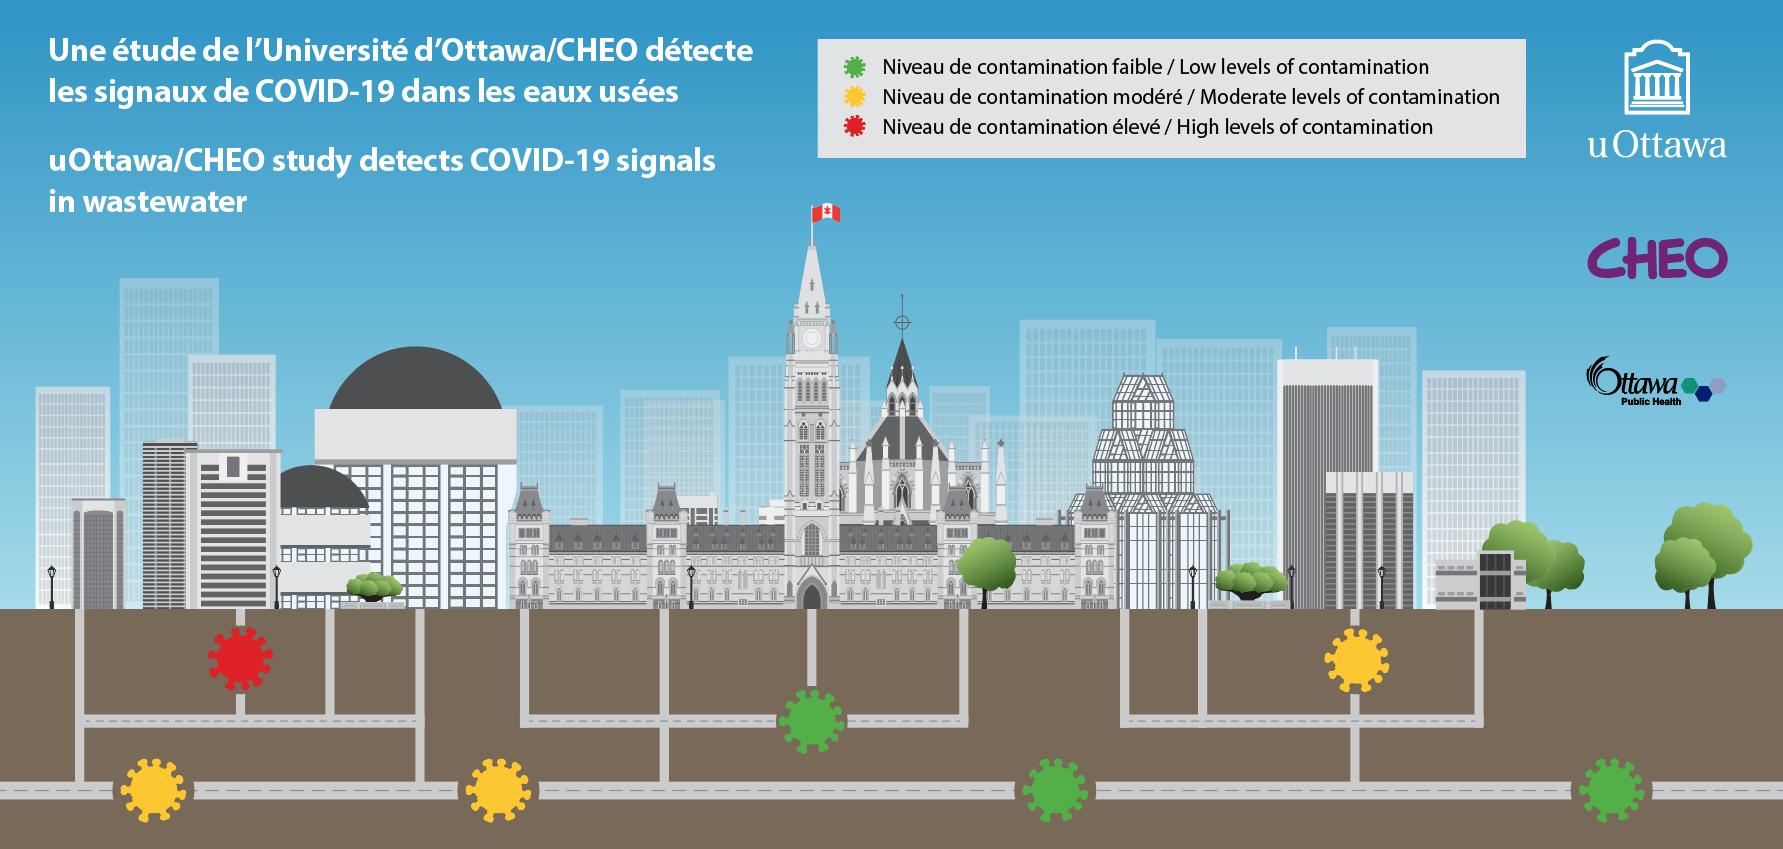 illustration de la ville d'Ottawa et de son systeme d'egouts